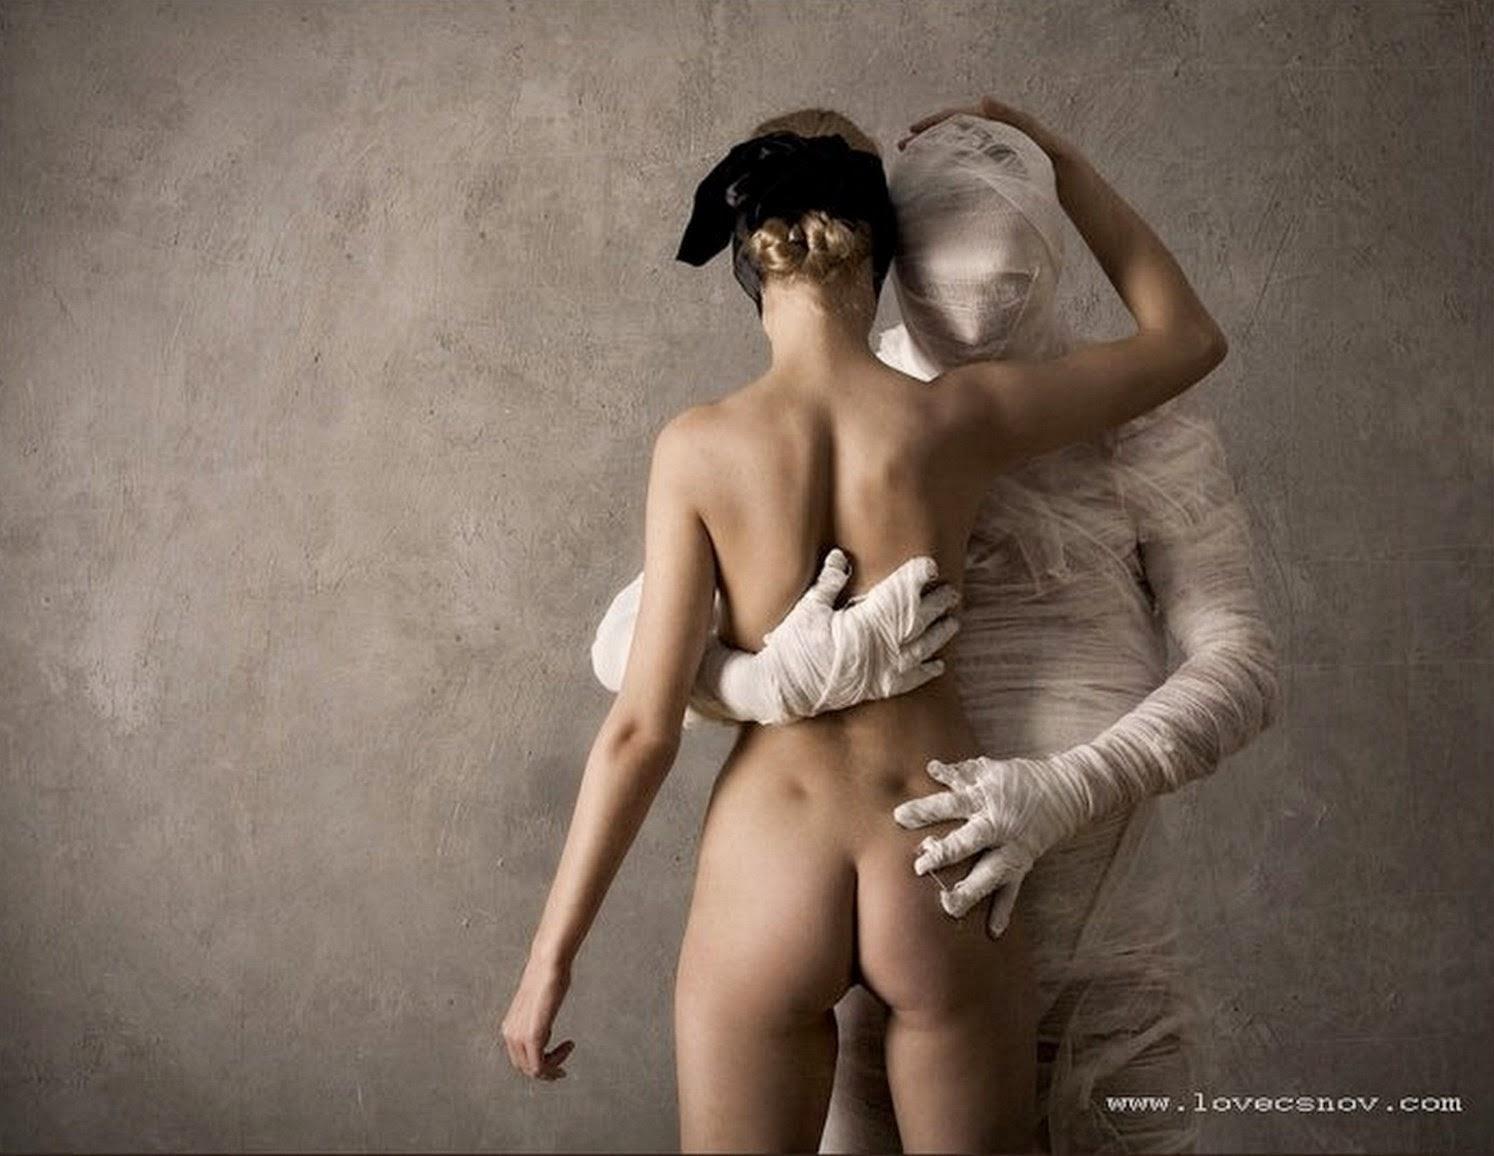 Художественная еротика онлайн, Эротические фильмы, смотреть онлайн, эротические 2 фотография